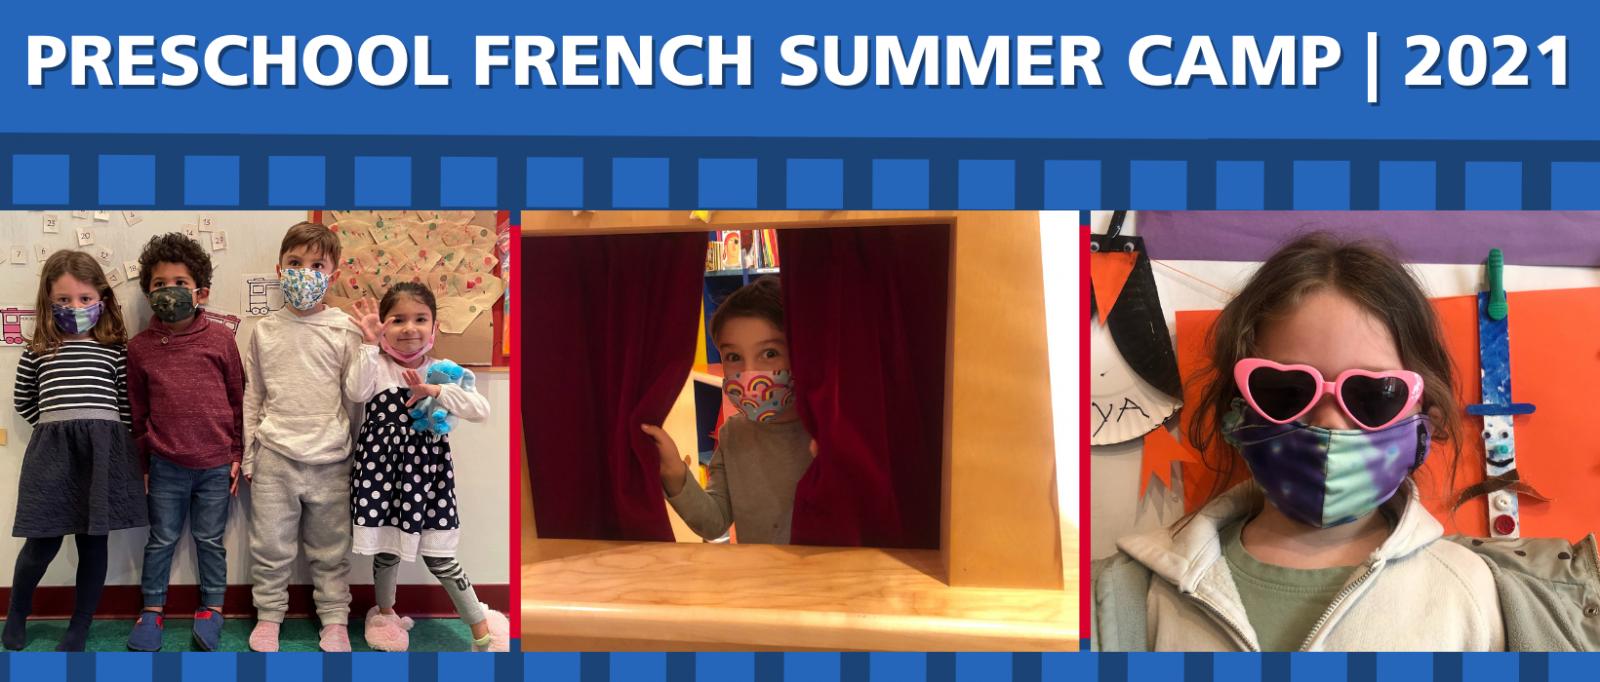 Preschool French Summer Camp 2021